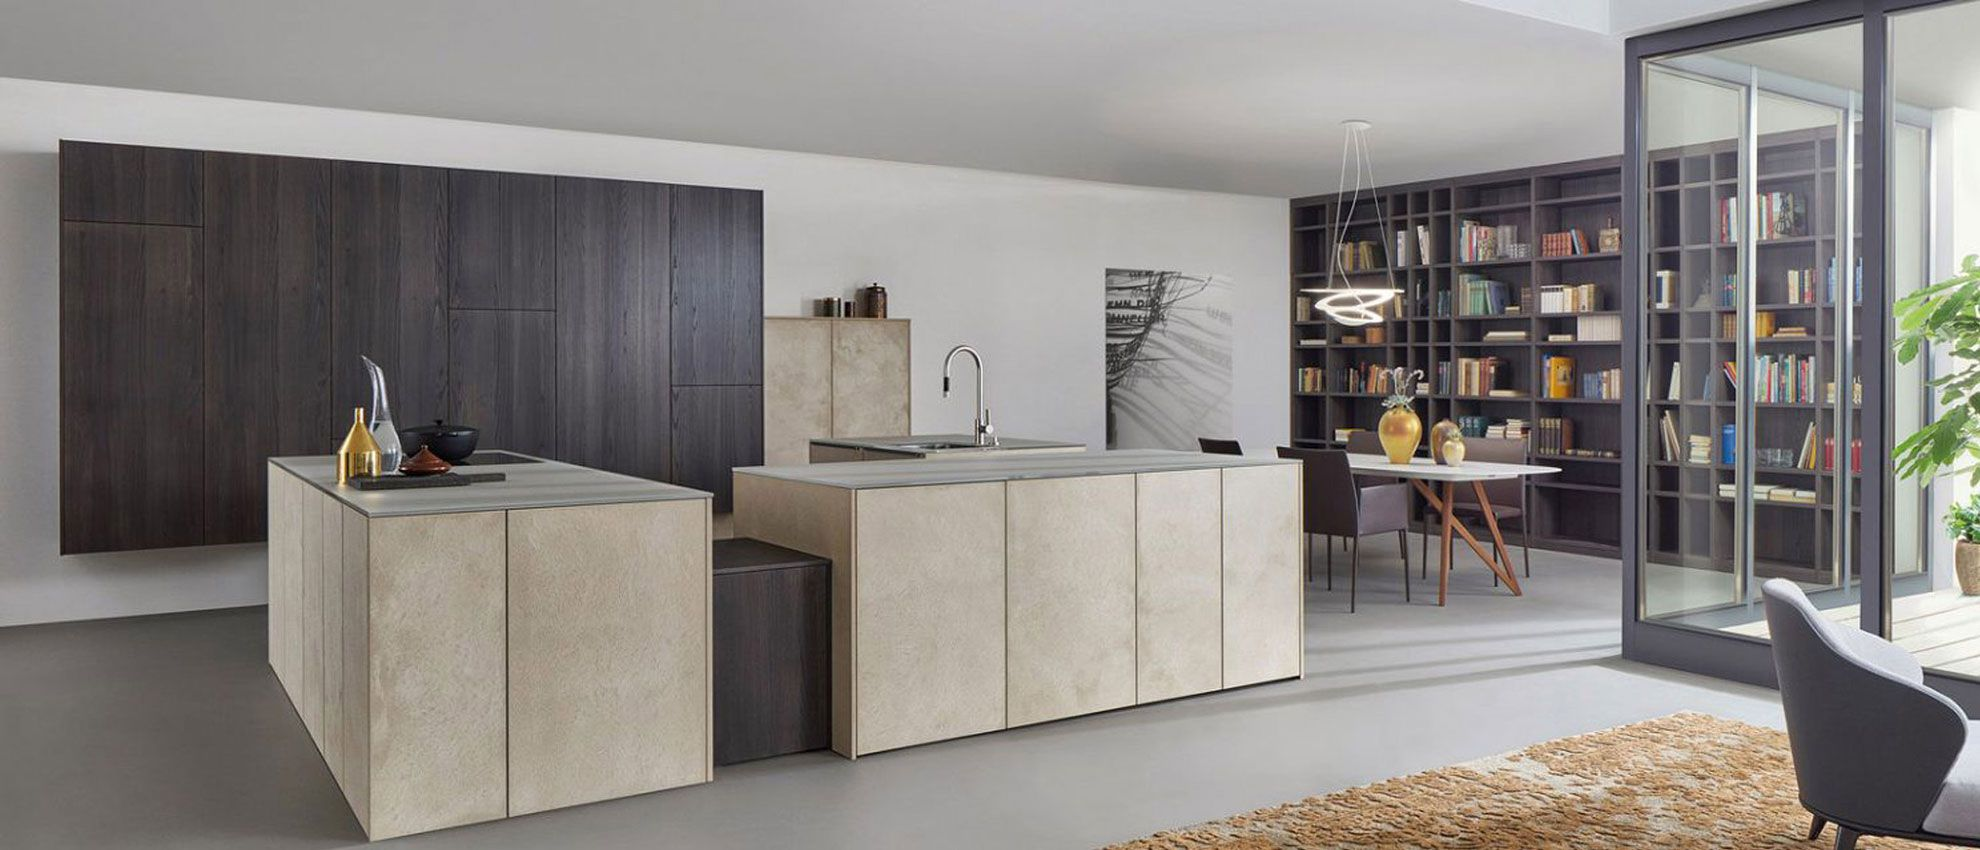 Ihr Küchenfachhändler aus Lörrach – KüchenDesign Höllstin